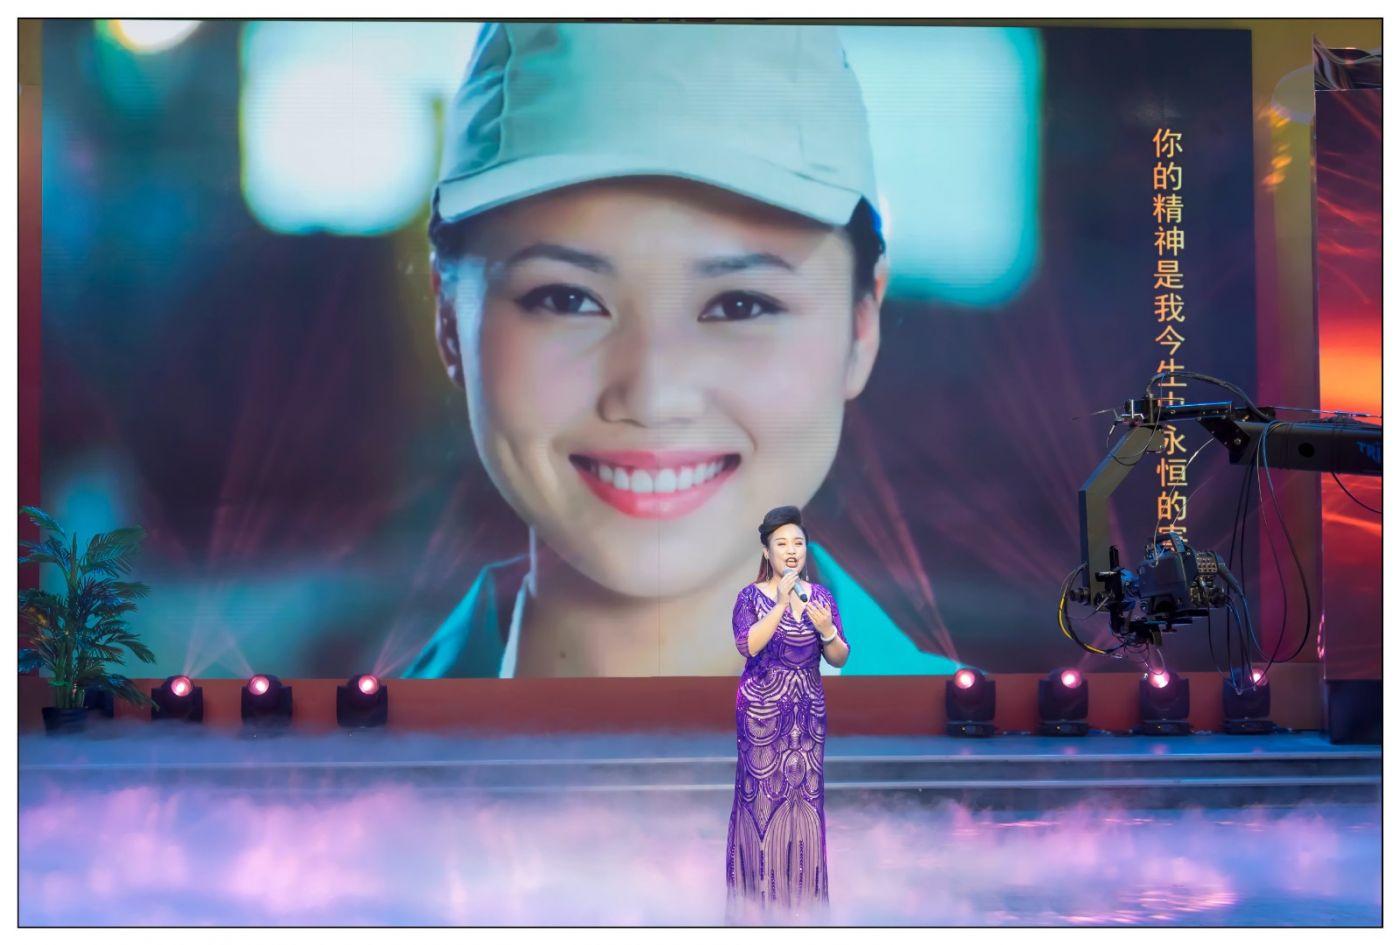 临沂姑娘杨妮妮曾感动春晚总动员 今晚在临沂电视台大放异彩 ..._图1-16